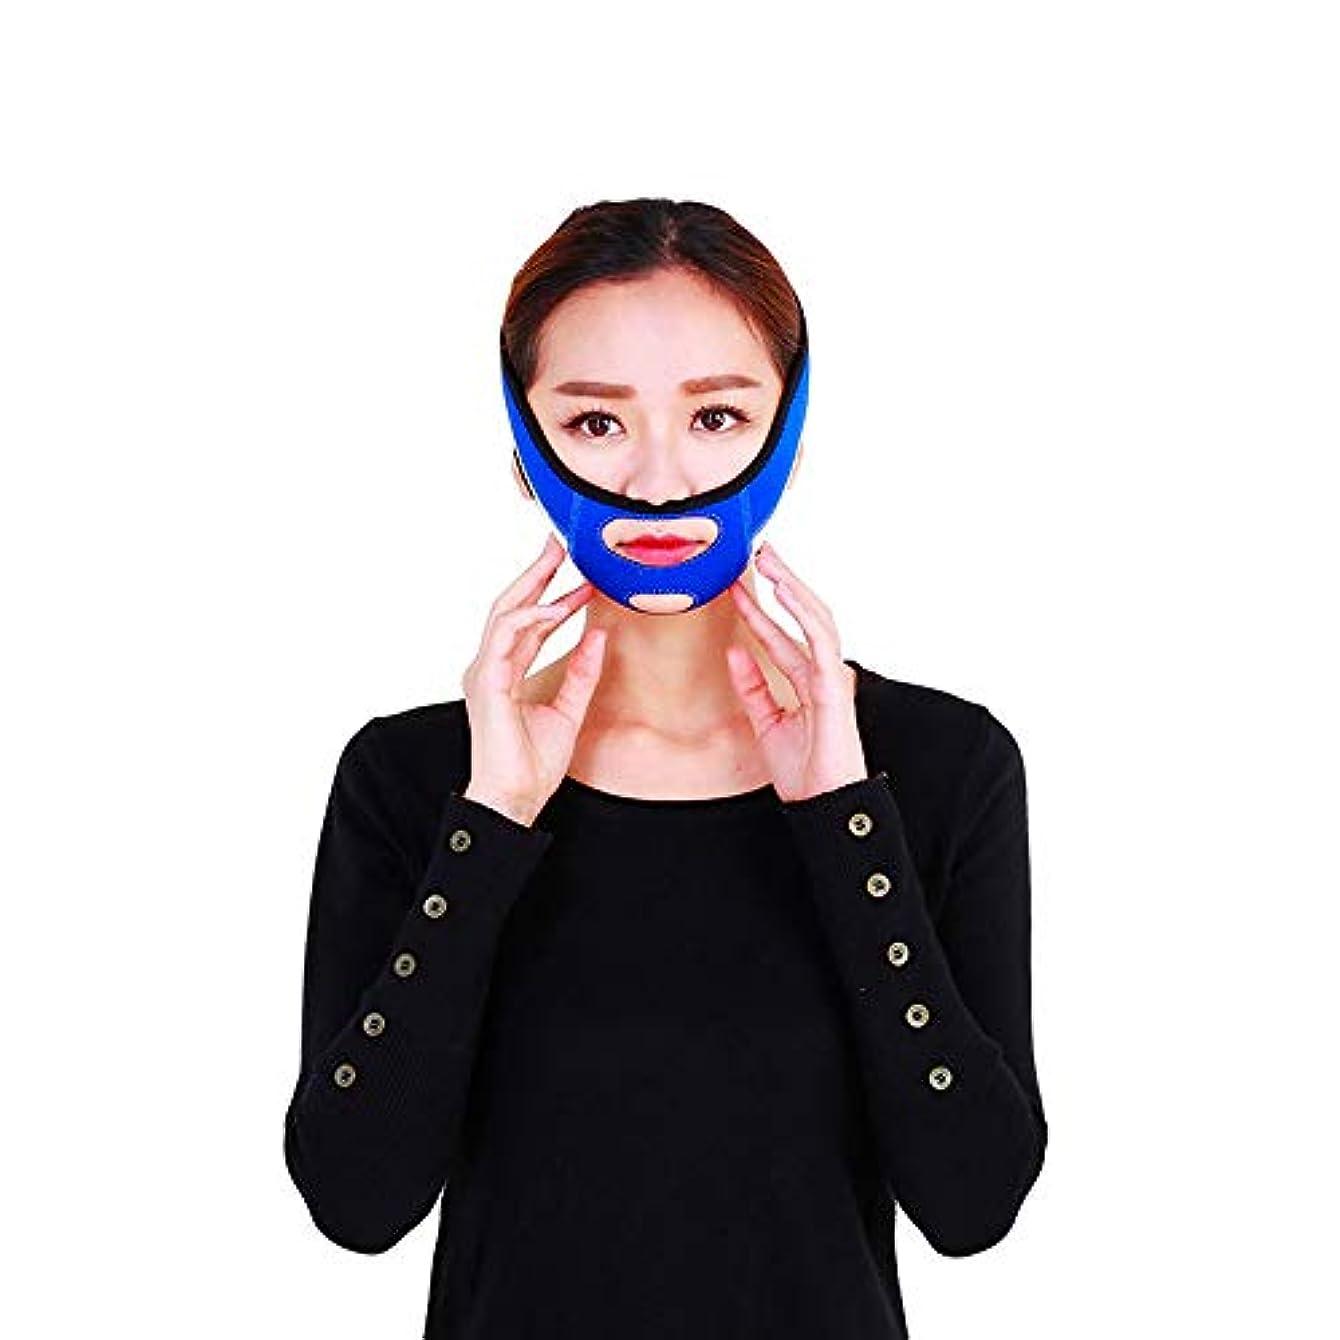 浸透する蜂円周Jia Jia- フェイシャルリフティング痩身ベルトフェーススリム二重あごを取り除くアンチエイジングリンクルフェイス包帯マスク整形マスクが顔を引き締める 顔面包帯